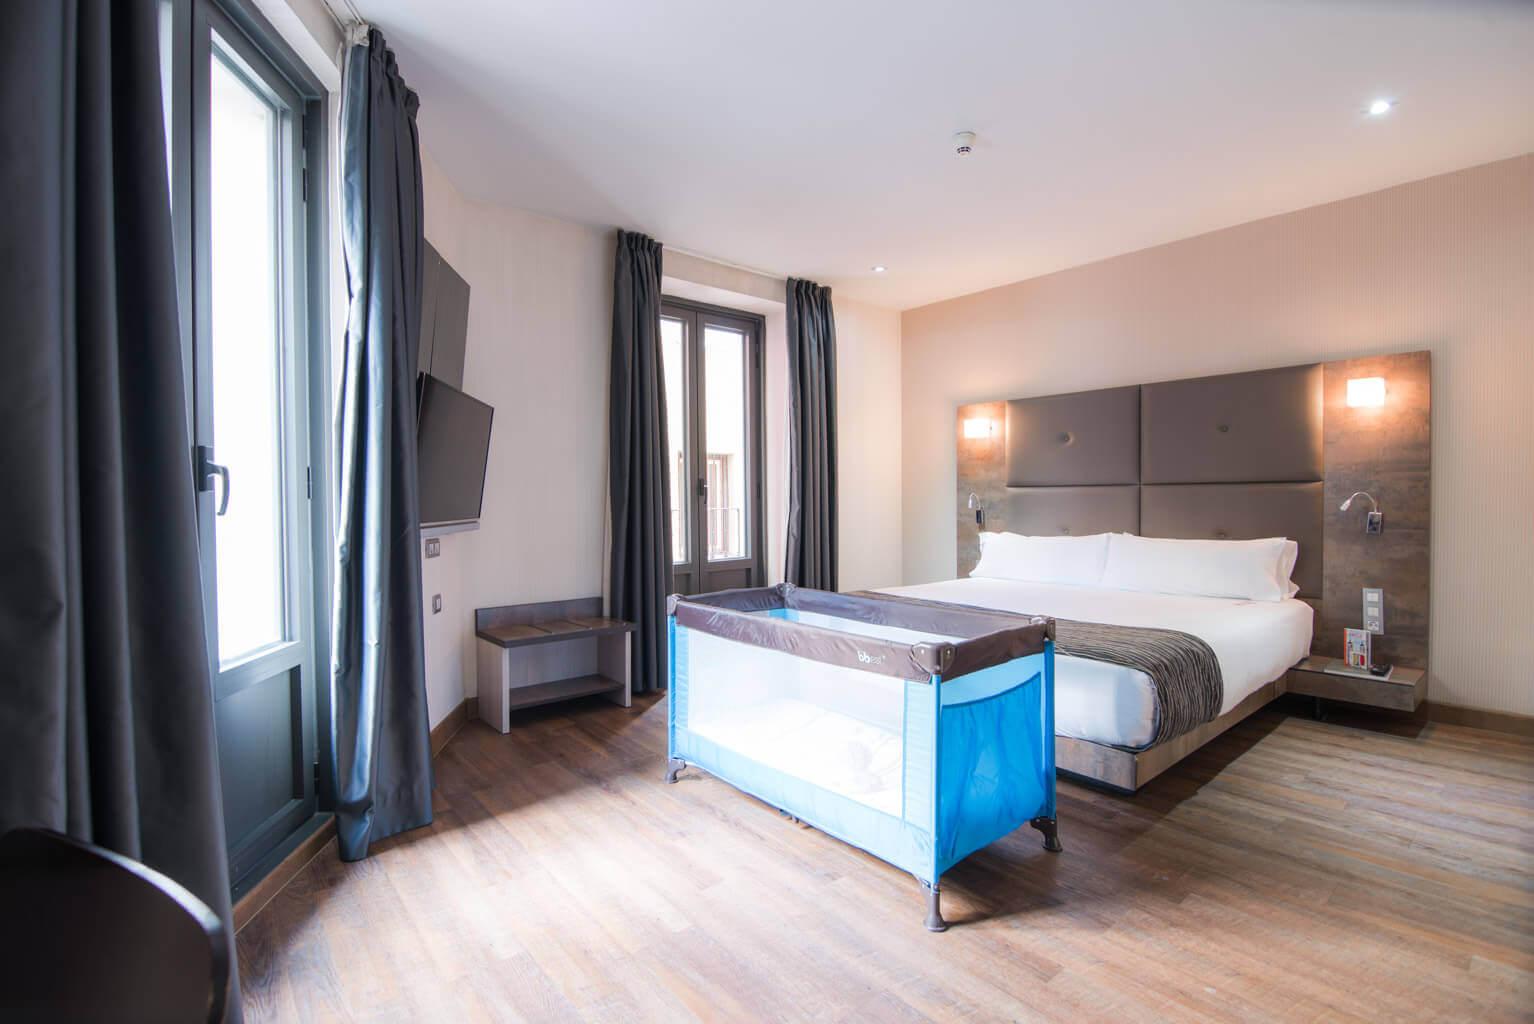 Habitación de hotel con cuna